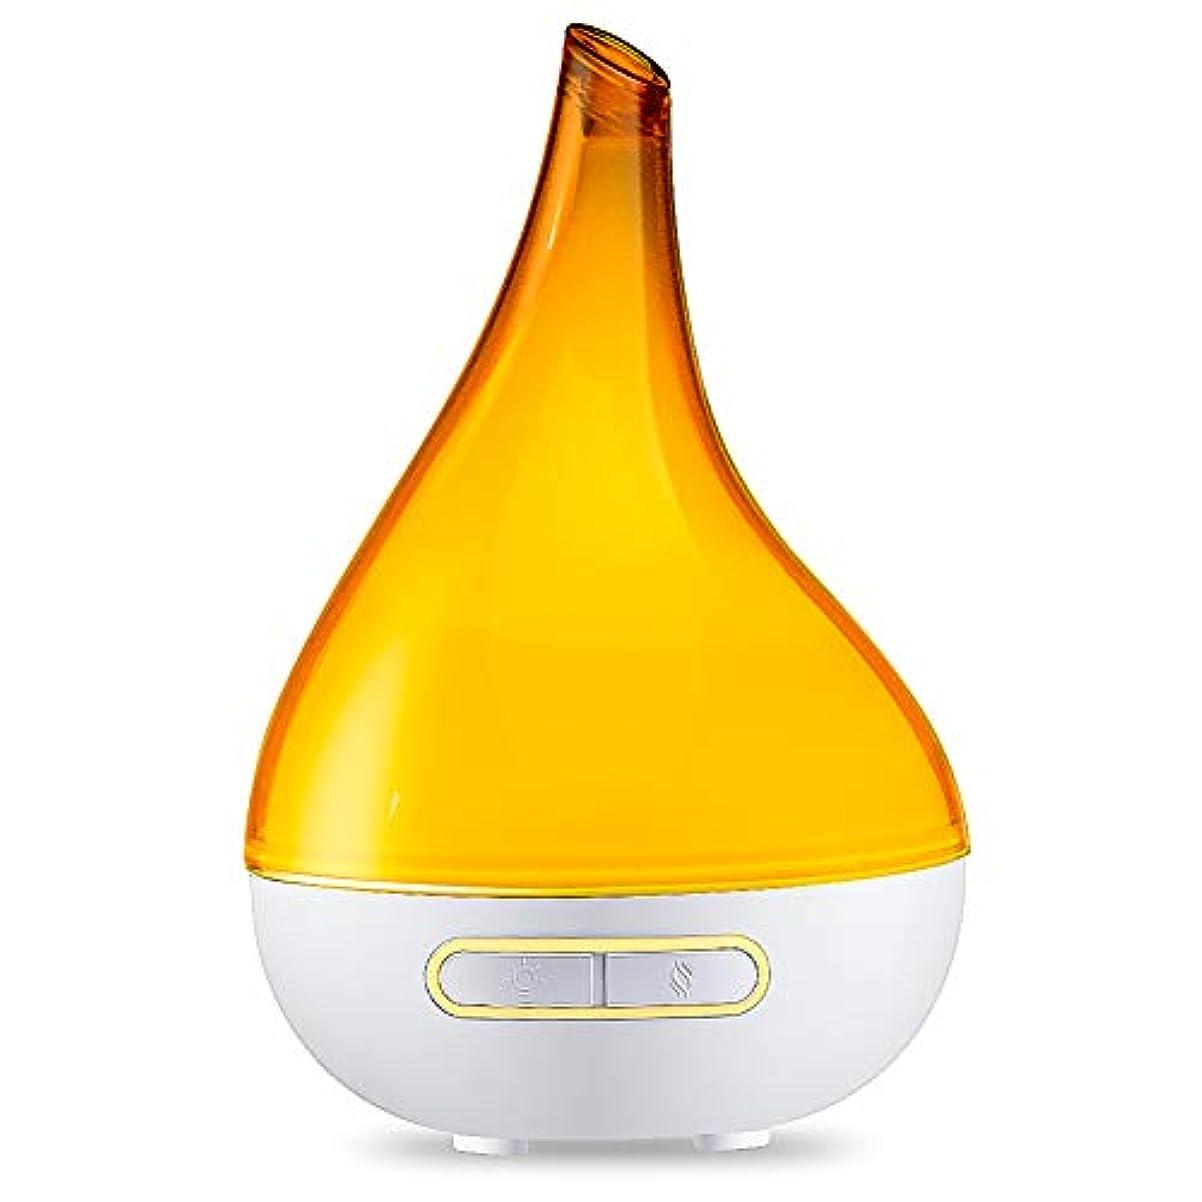 初期馬鹿げたギャラントリー超音波 エッセンシャル オイル ディフューザー 電気 涼しい霧の加湿器 調節可能なミスト付け アロマディフューザー 夜間照明付き 赤ちゃんの家-オレンジ 15x23.7cm